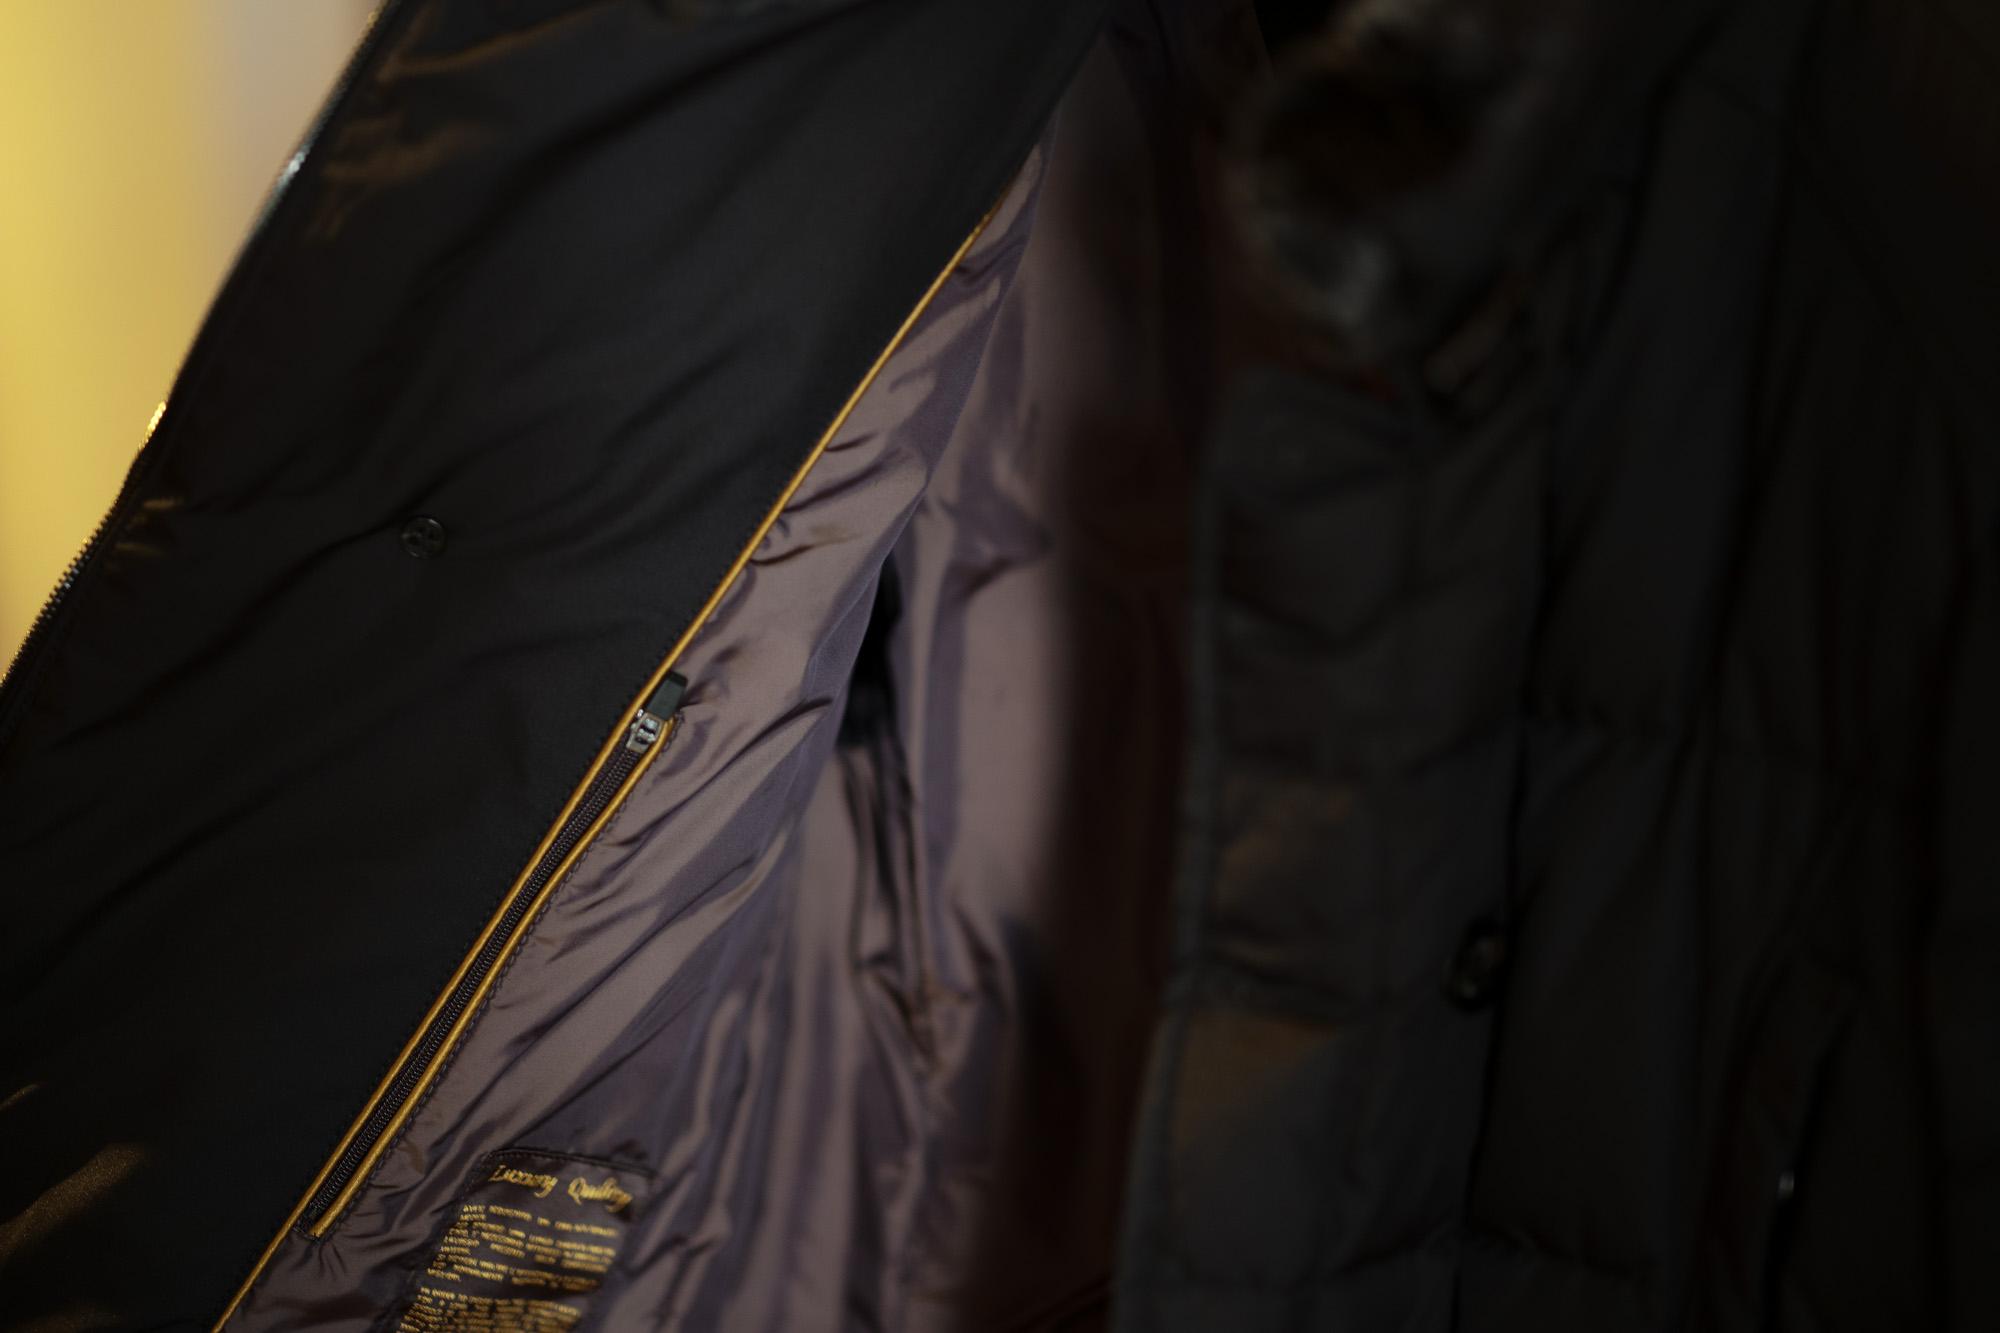 MOORER (ムーレー) SIRO-KM2 (シロ) ホワイトグースダウン ナイロン ダブルブレスト ダウンジャケット NERO(ブラック・08) Made in italy (イタリア製) 2019 秋冬新作 愛知 名古屋 altoediritto アルトエデリット ダウンジャケット